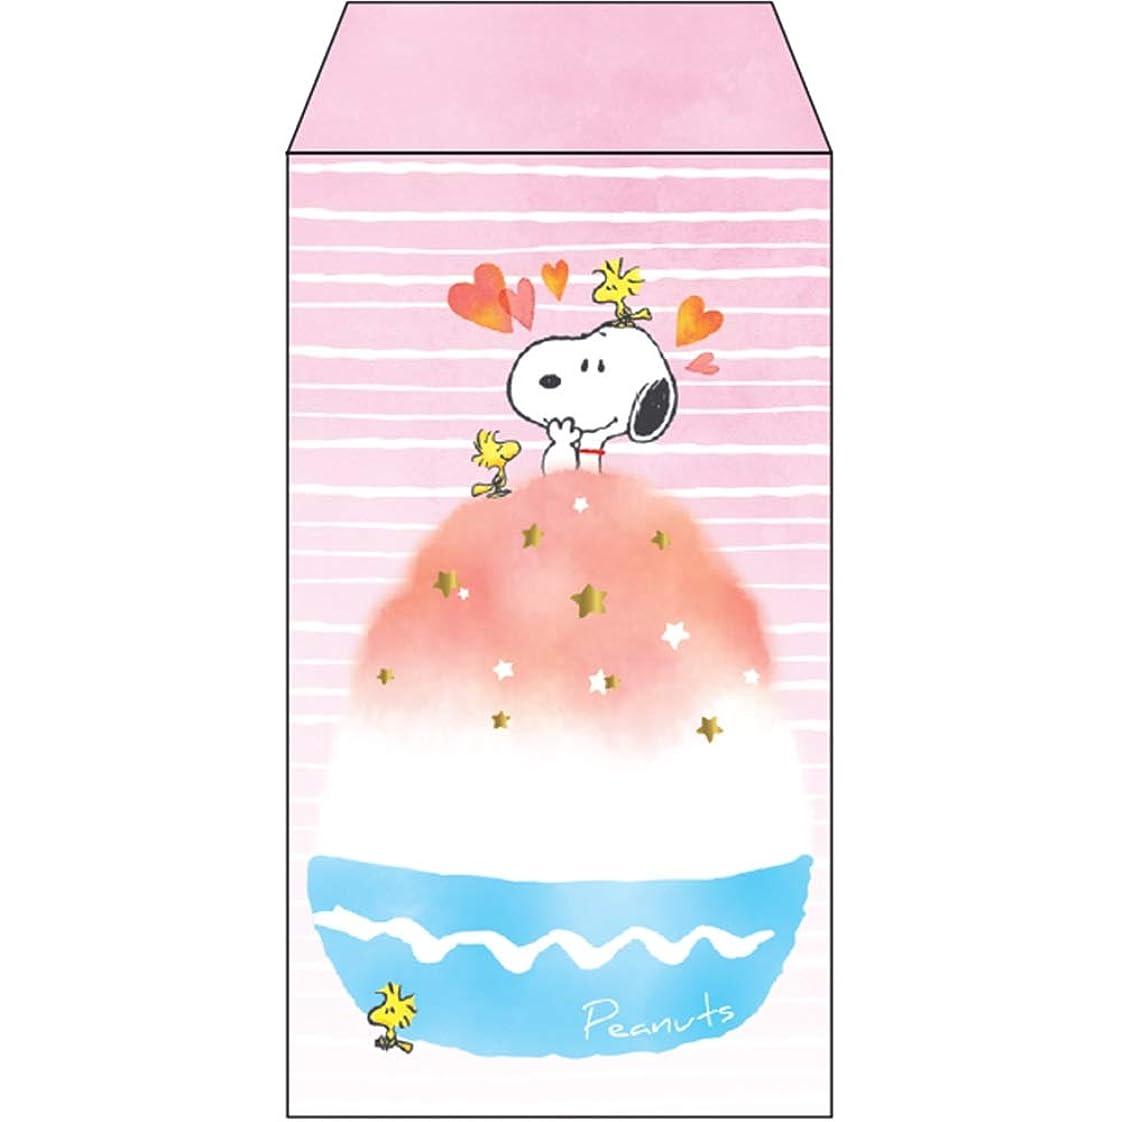 乱用懇願するソーセージデルフィーノ PEANUTS スヌーピー 夏ぽち かき氷 P-13583